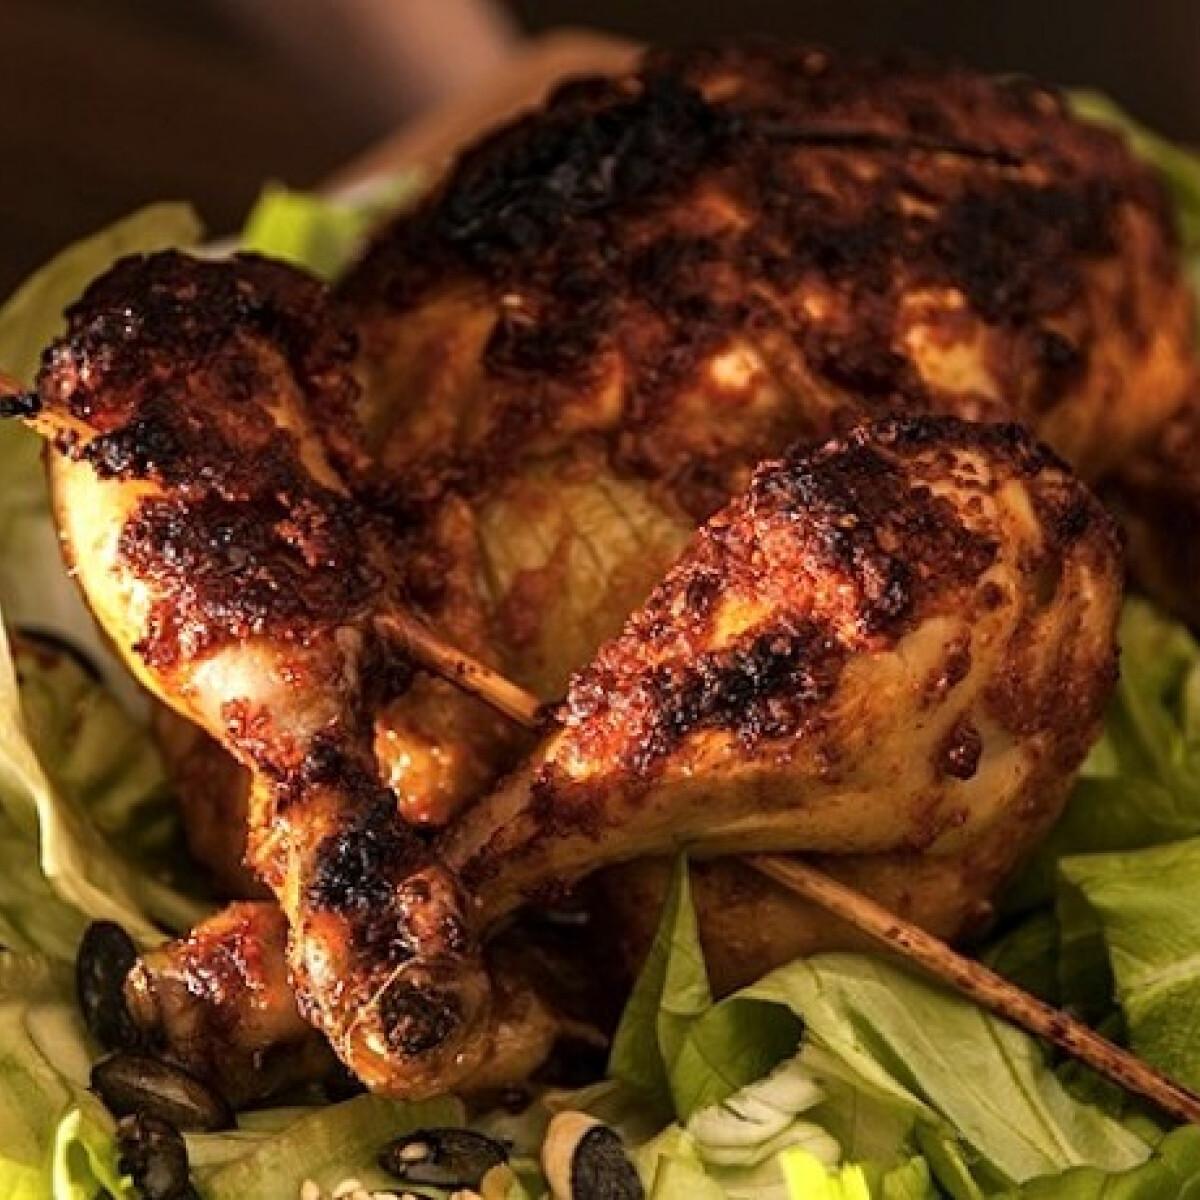 Pikáns csirke egészben sütve